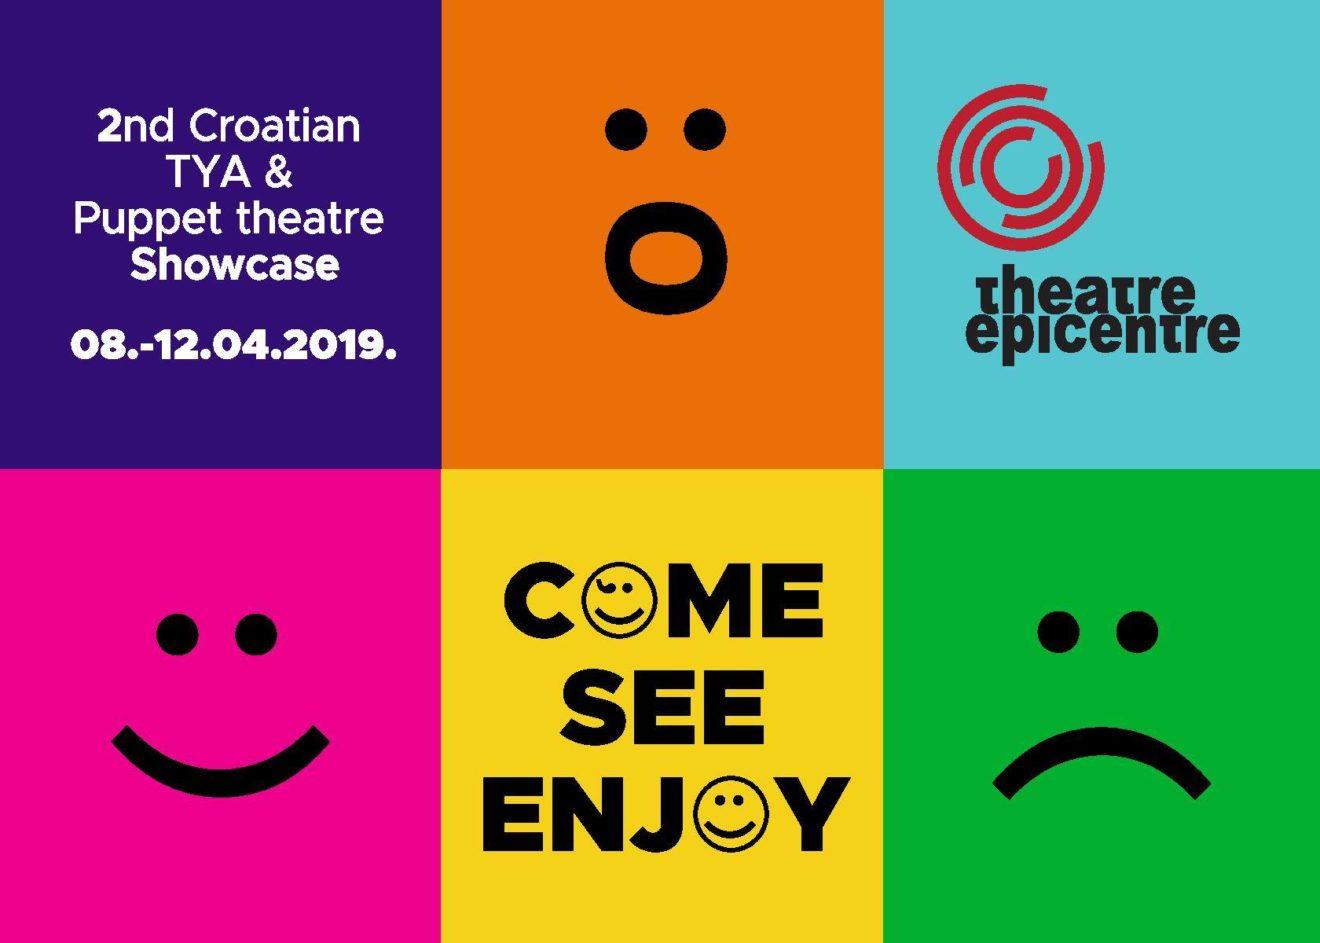 Appel à candidatures / programmateur/ice/s: théâtre de marionnettes en Croatie